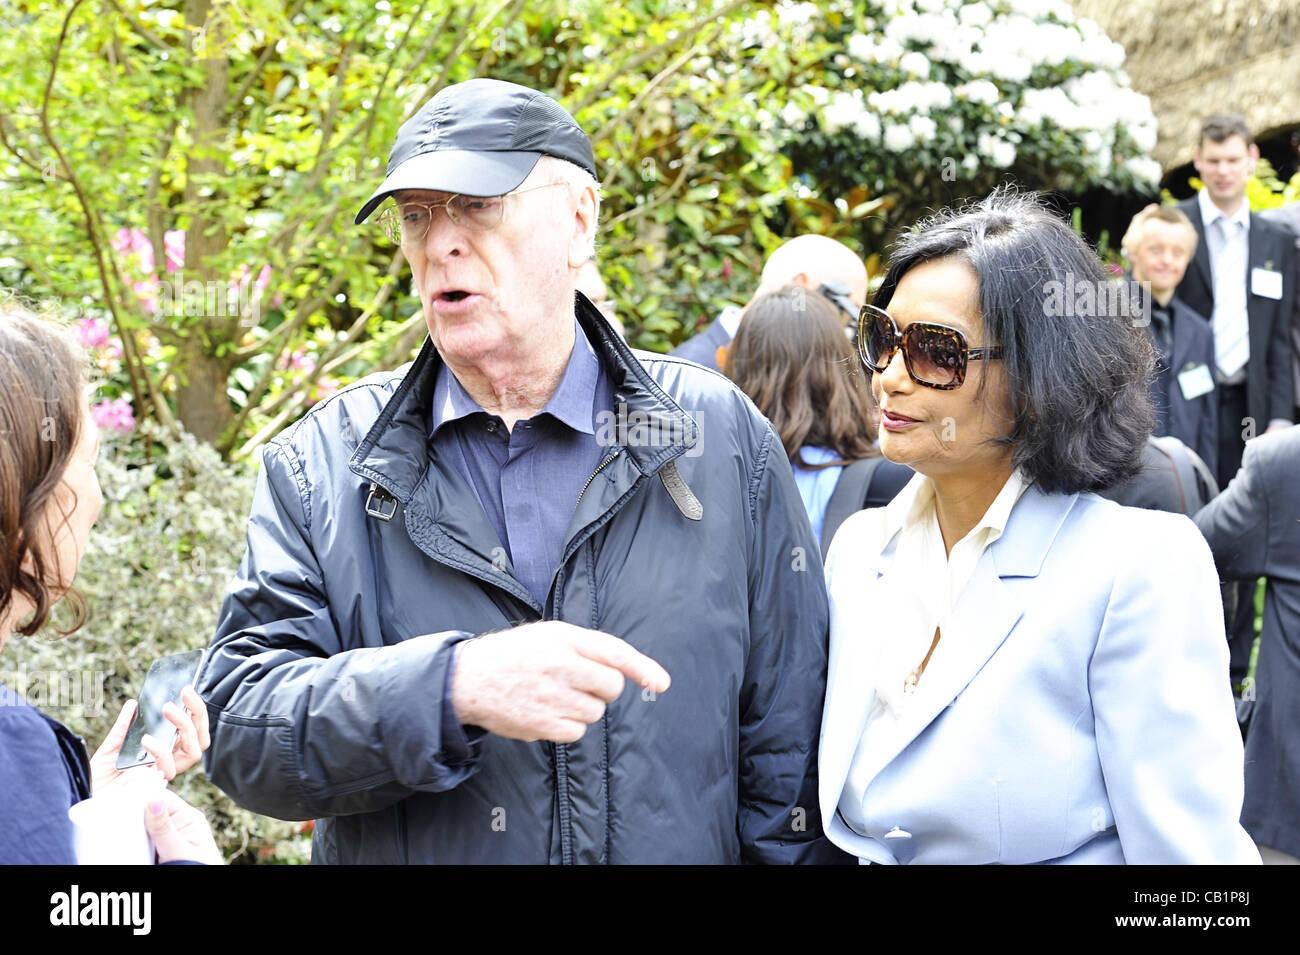 Londra, Regno Unito. 21 Maggio, 2012. Attore Sir Michael Caine CBE e sua moglie Shakira al RHS Chelsea Flower Show Foto Stock